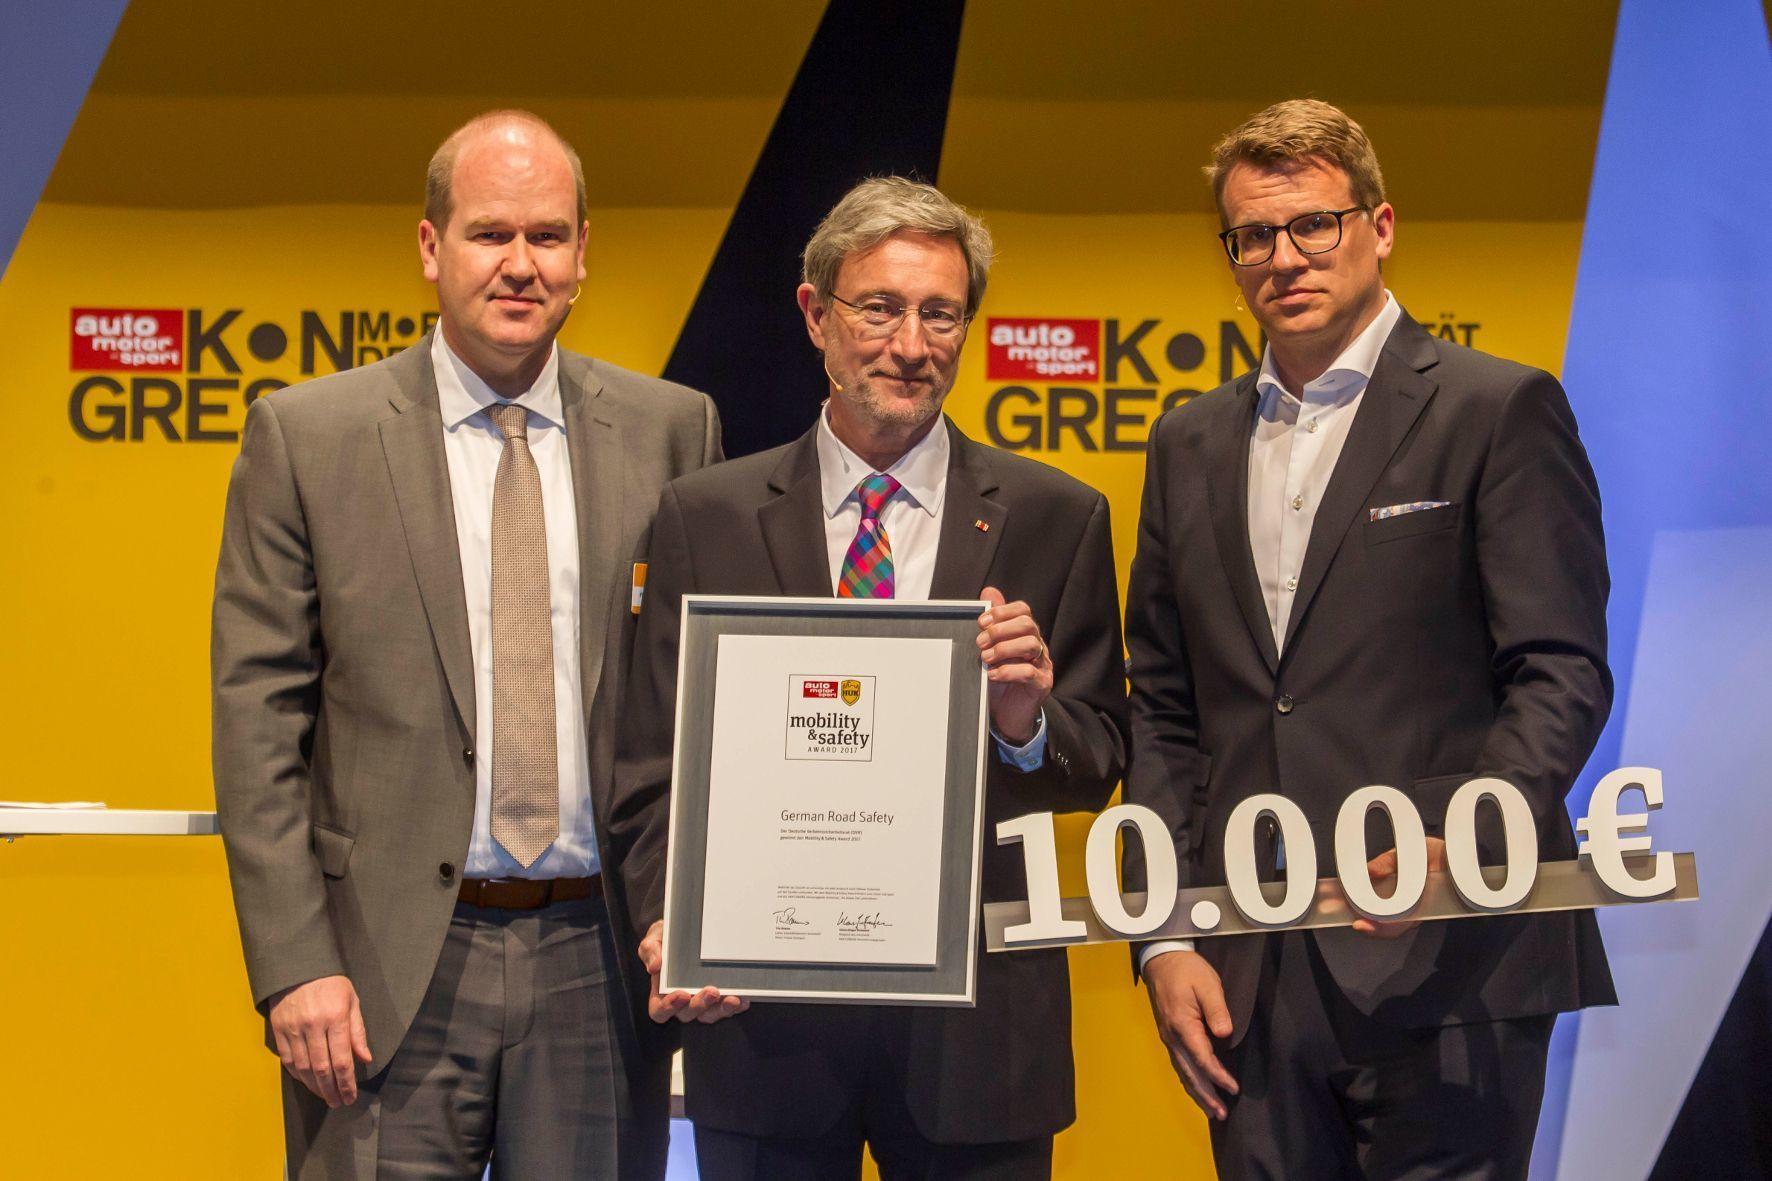 """mid Groß-Gerau - Der gemeinsame Verkehrssicherheitspreis von """"auto motor und sport"""" und HUK-COBURG geht in diesem Jahr an die Initiative """"German Road Safety"""" des Deutschen Verkehrssicherheitsrats."""